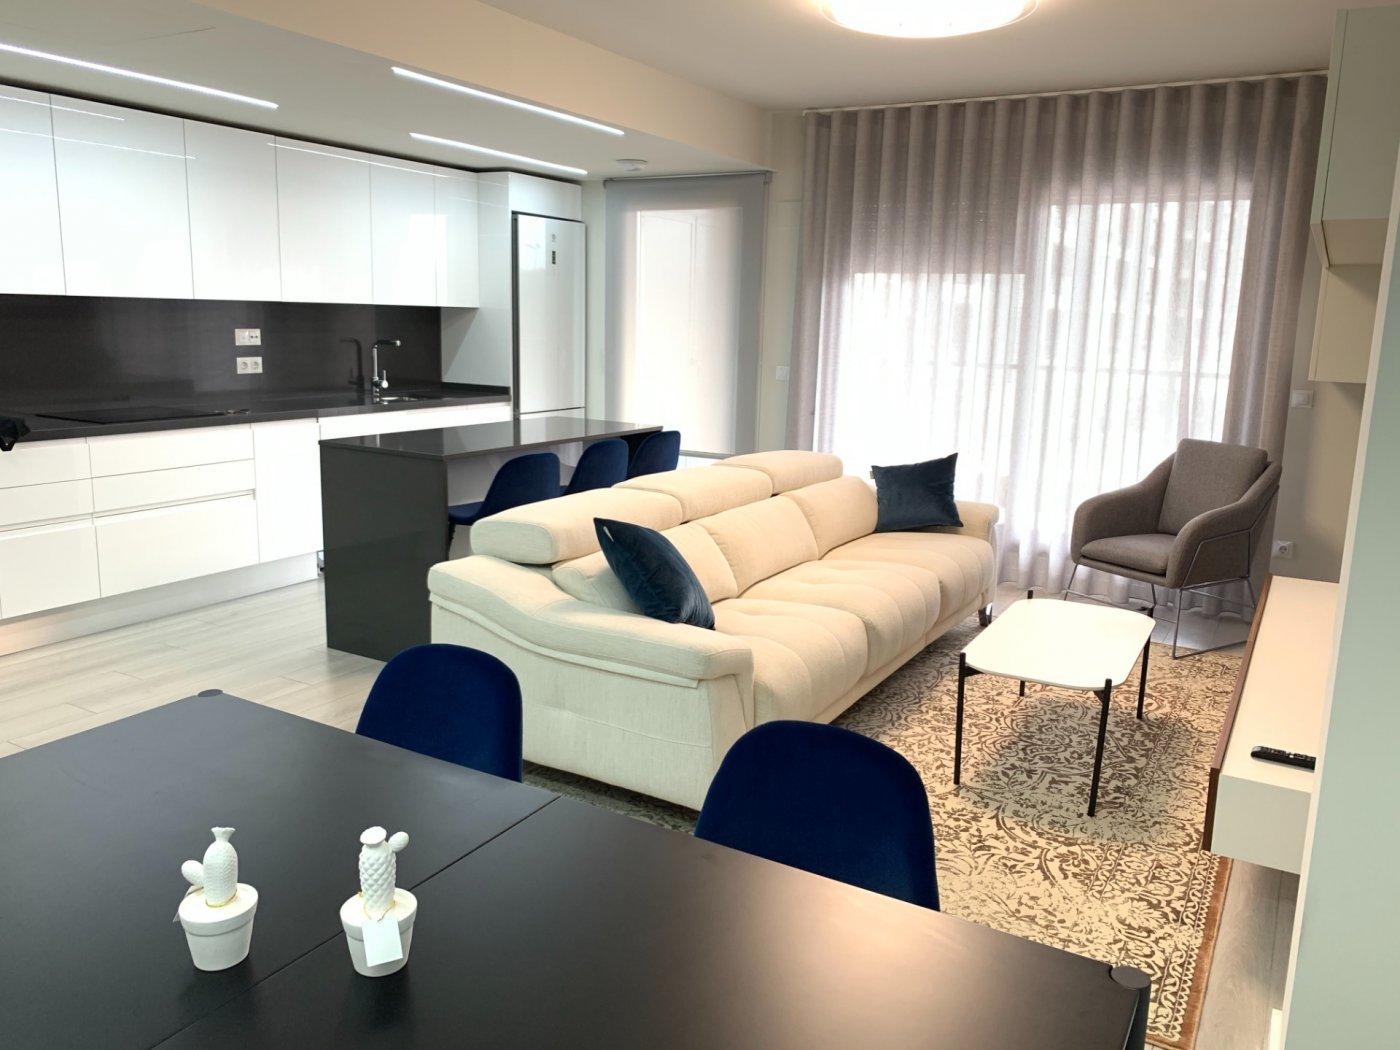 Alquiler espectacular vivienda , 1º de dos dormitorios con suelo radiante, a/a centralizad - imagenInmueble0